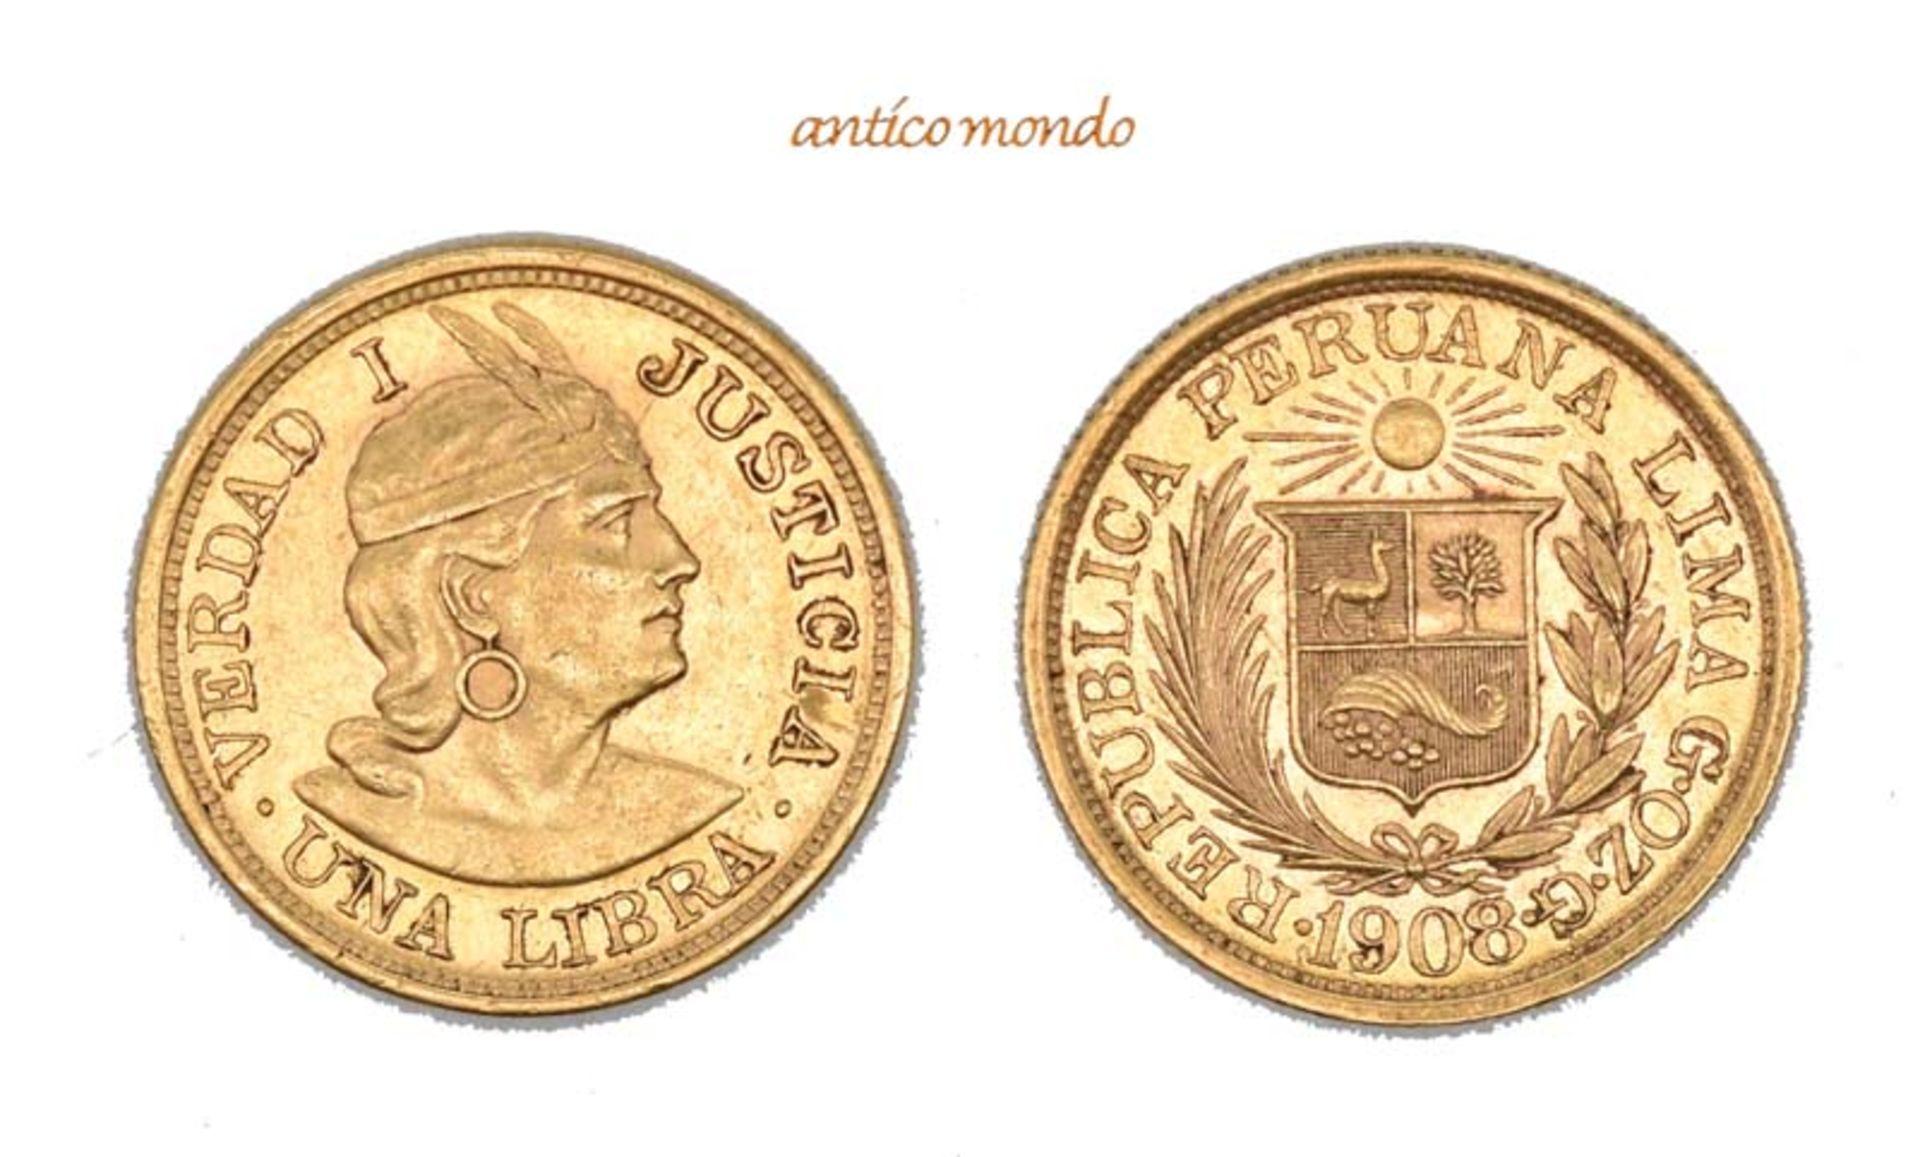 Peru, Republik, Libra, 1908, sehr schön-vorzüglich, 8,00 g- - -21.50 % buyer's premium on the hammer